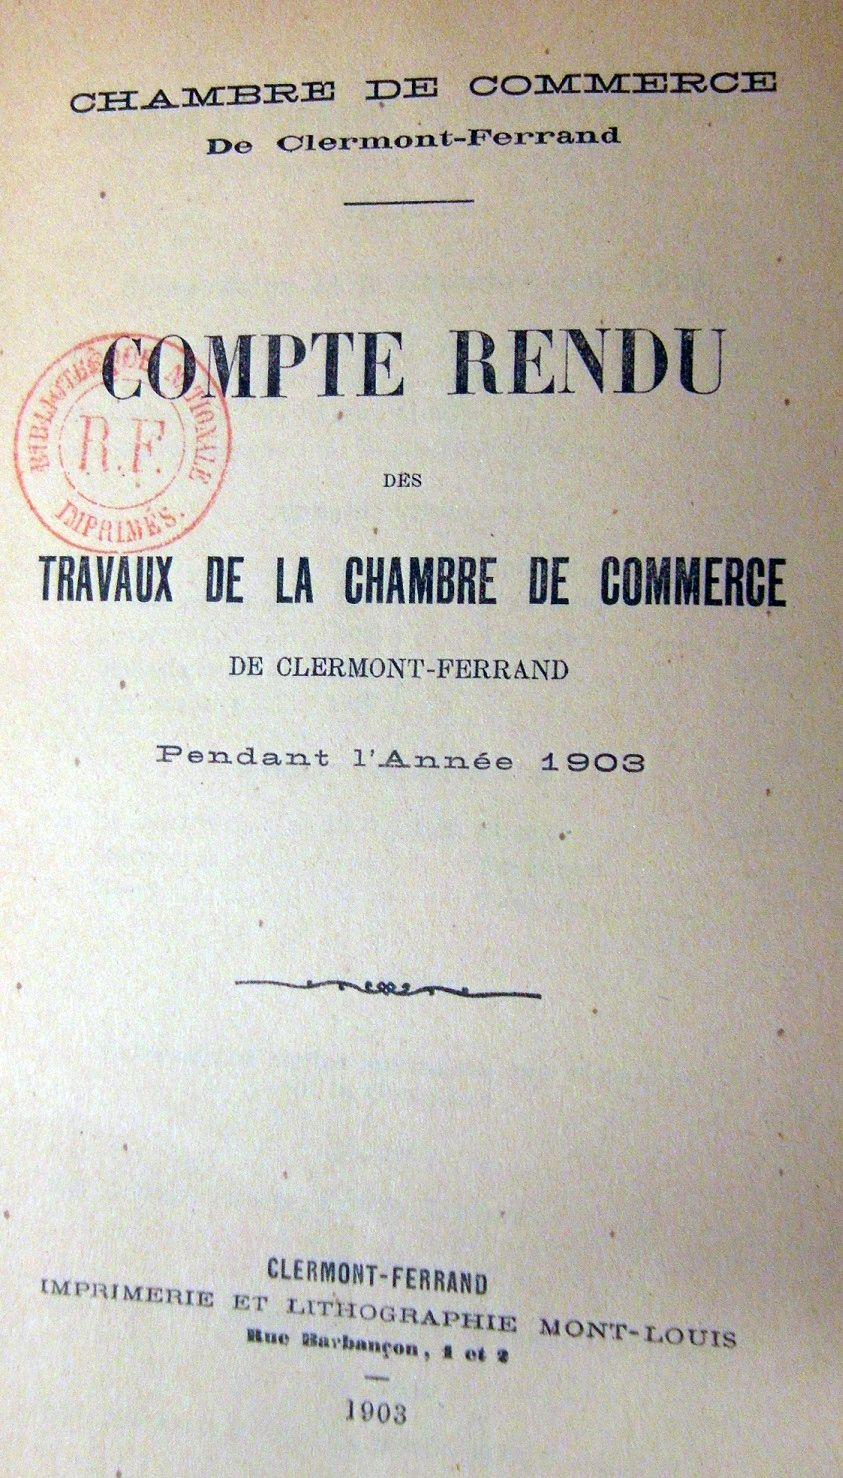 Photo (BnF / Gallica) de : Compte rendu des travaux de la Chambre de commerce de Clermont-Ferrand pendant l'année .... Clermont-Ferrand, 1903-1932. ISSN 2124-2593.